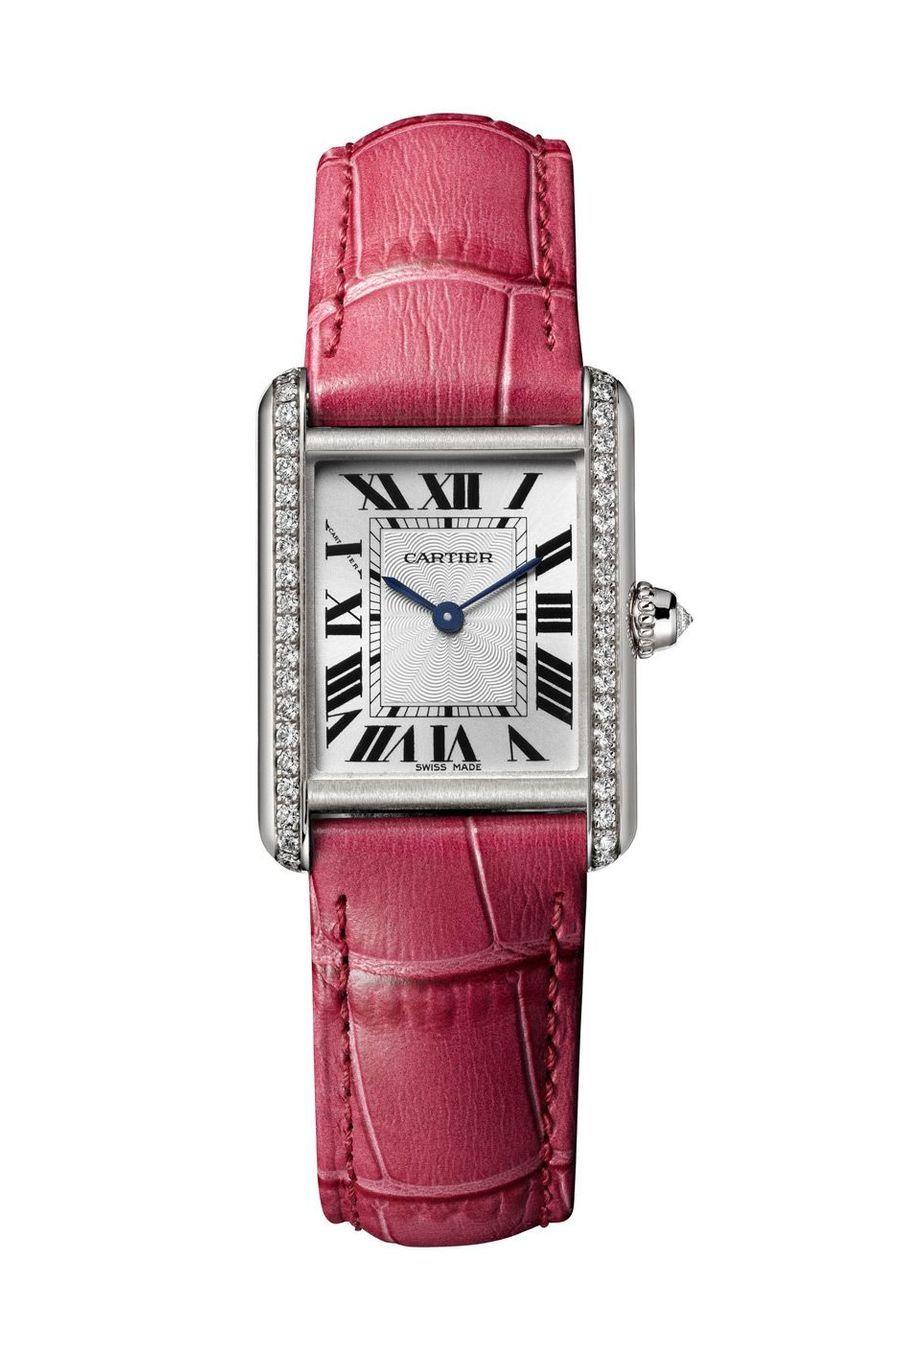 Tank Louis Cartier Grand Modèle en or rose, 34 mm x 30 mm, mouvement à quartz, bracelet en alligator. 12 000 €.